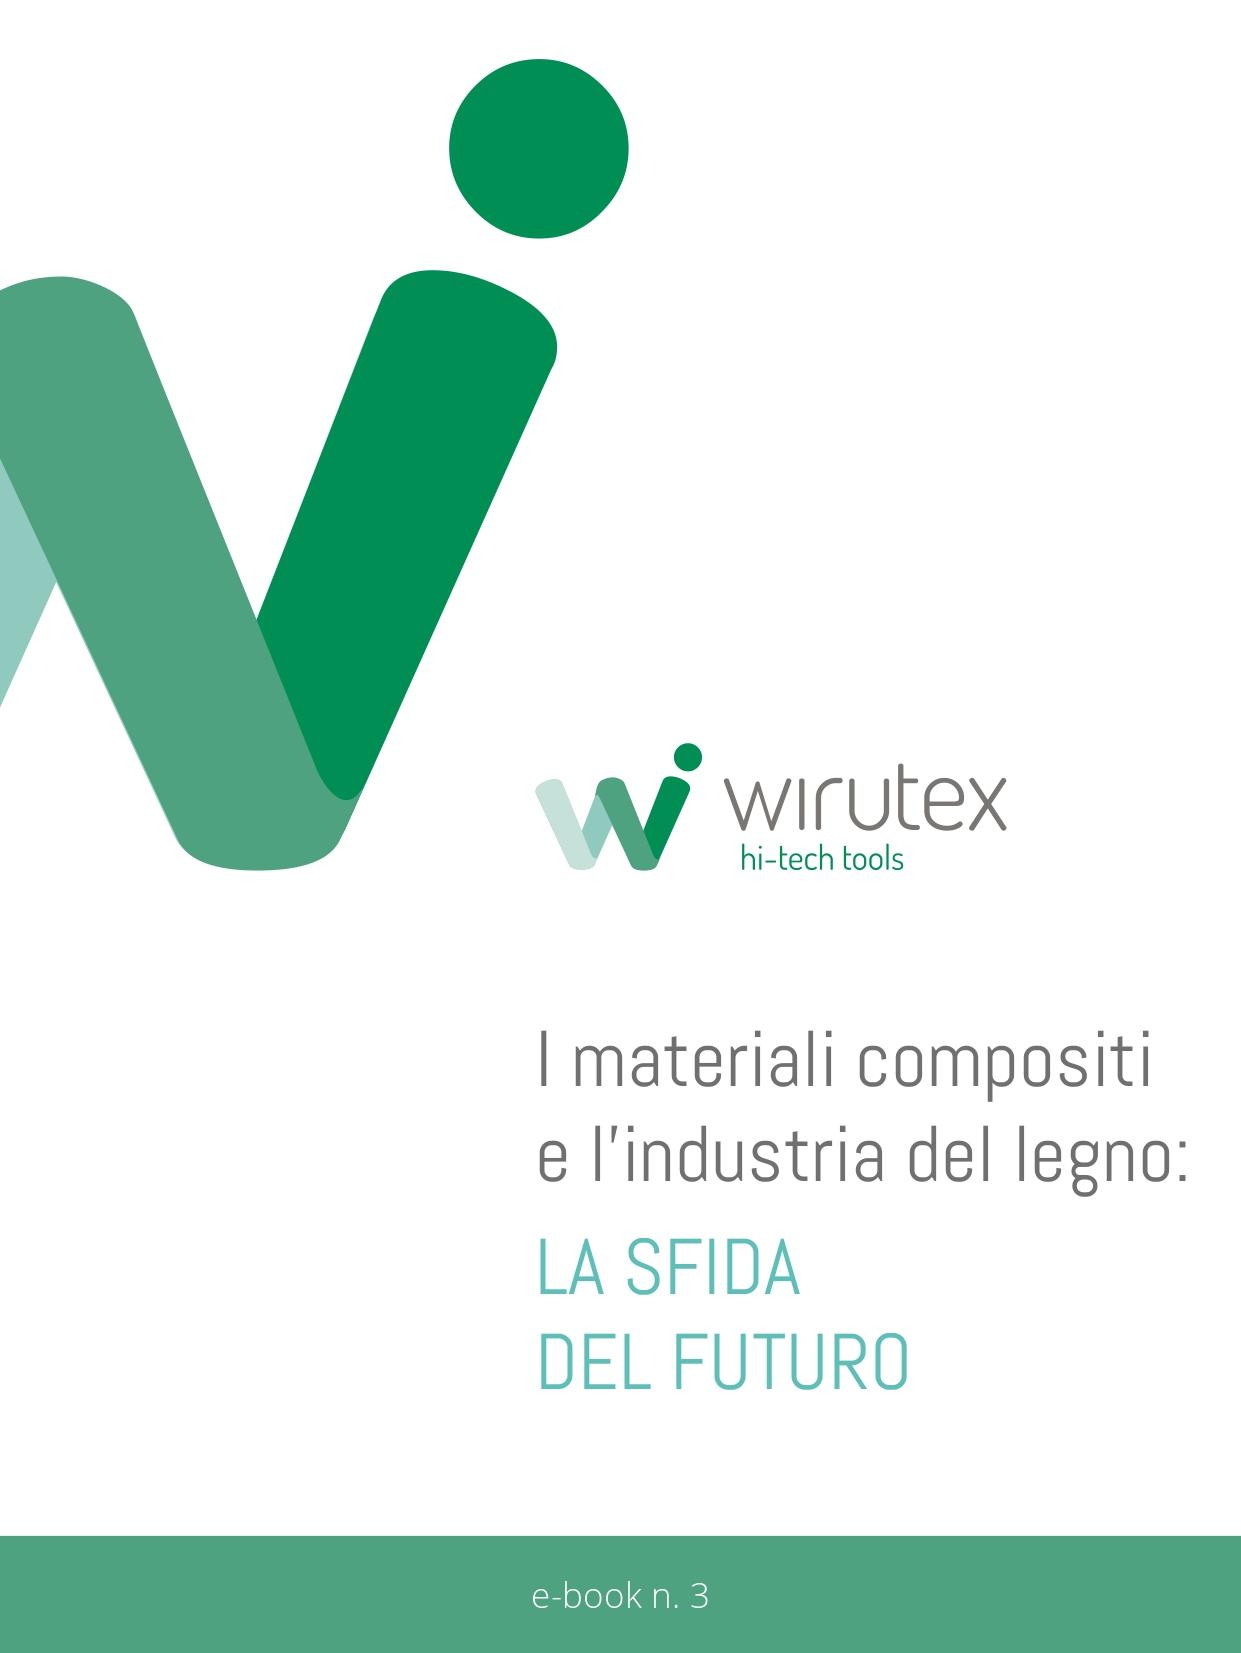 wirutex-book3-Guida-materiali-compositi_2_ita_page-0001